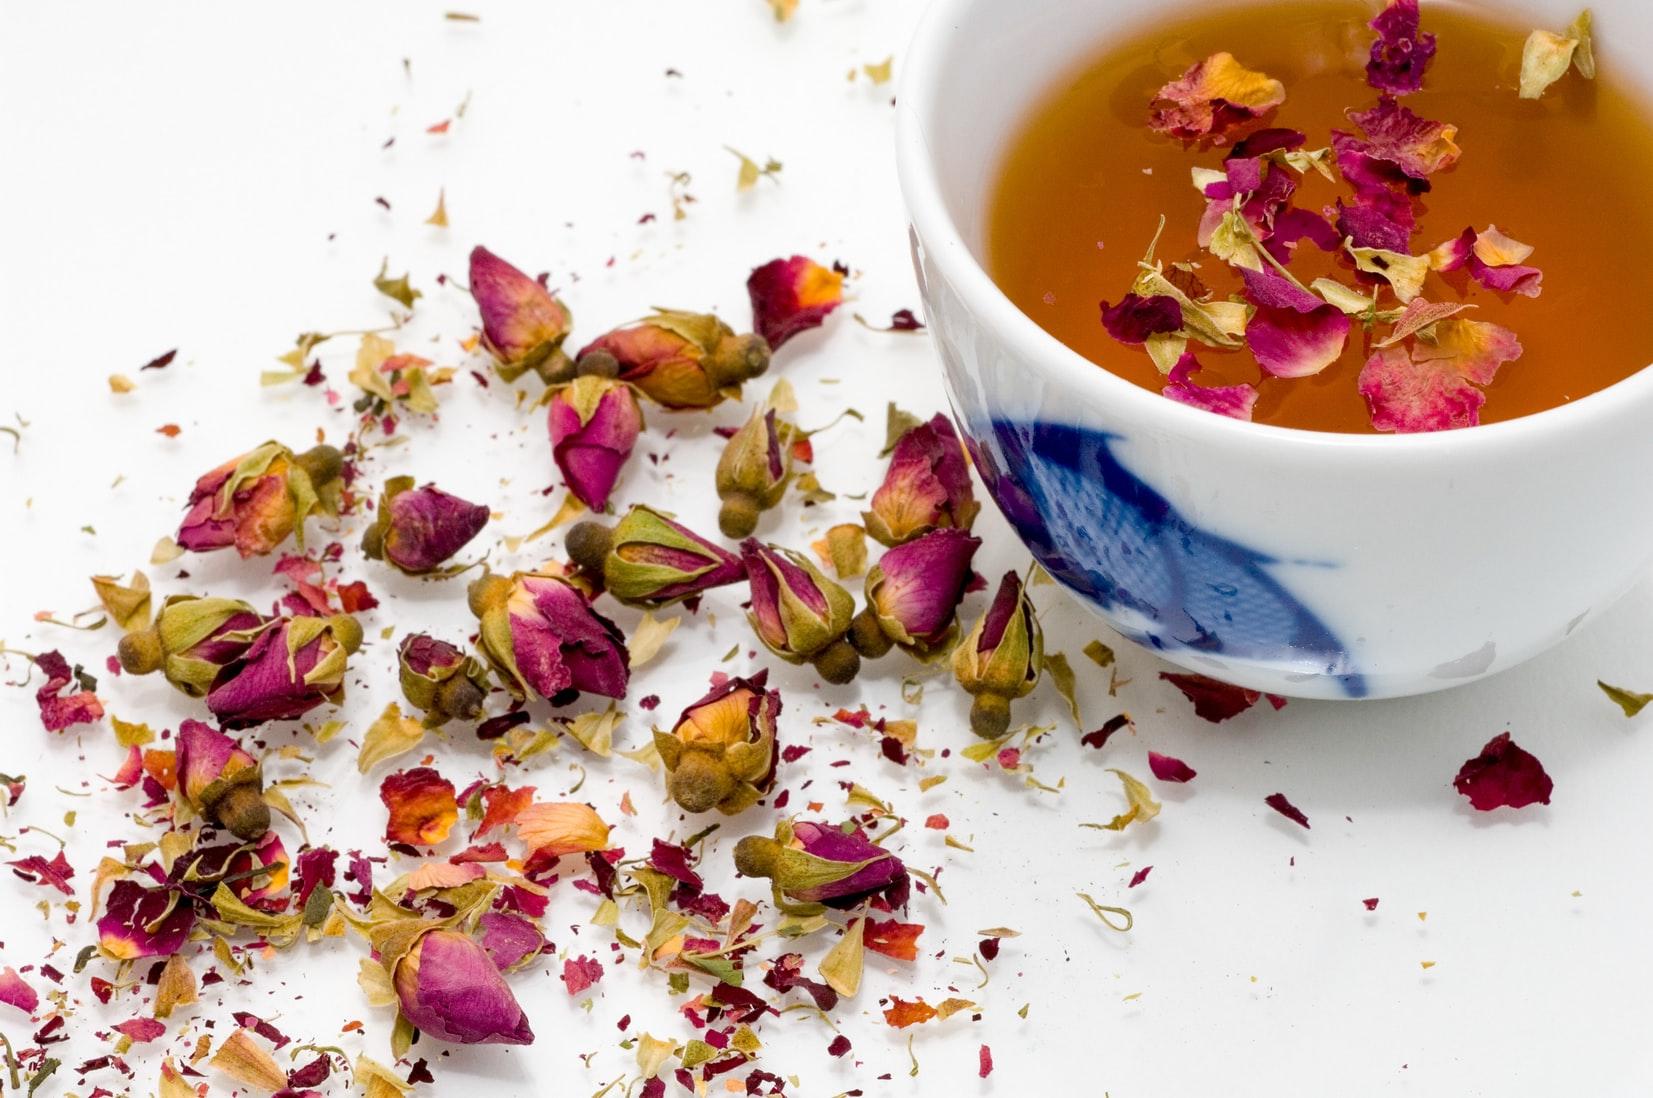 Trà hoa hồng - trà thảo mộc làm giảm lo âu.